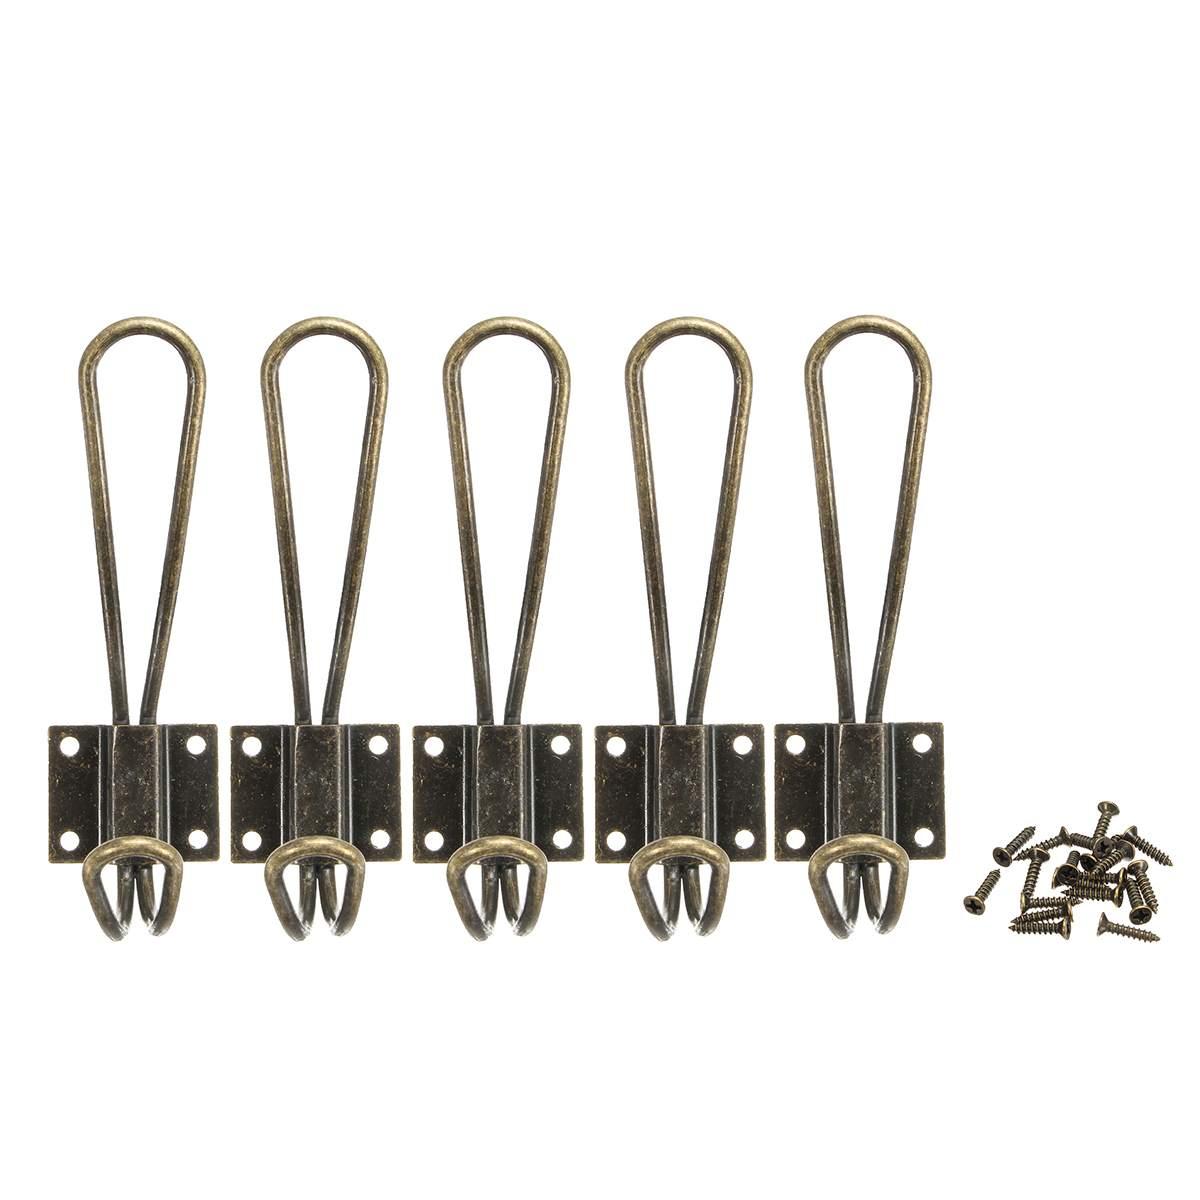 Ganchos de Pared 10 Pzs Colgador Perchero de Pared Metalicos Vintage con Tornillos para Colgar Ropa//Abrigo//Bufanda//Bolsa//Toalla//Llave//Sombrero Negro